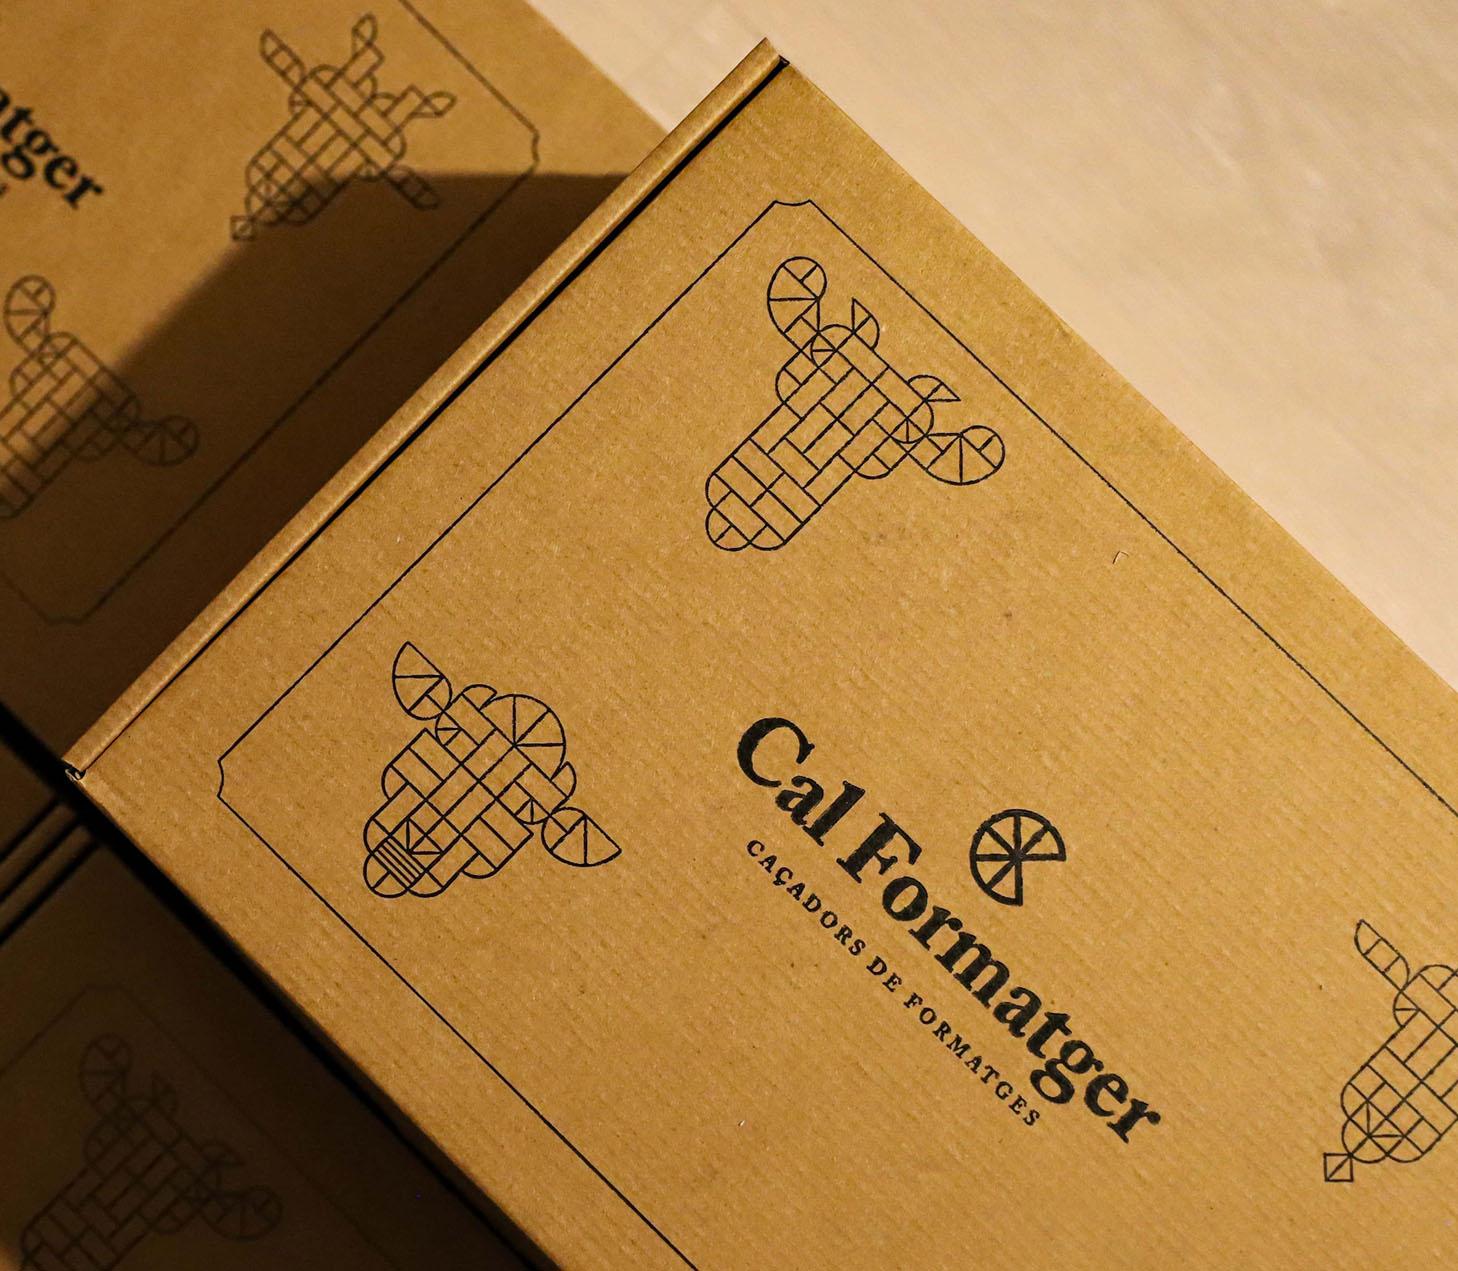 cal-formatger-caixa-detall-2